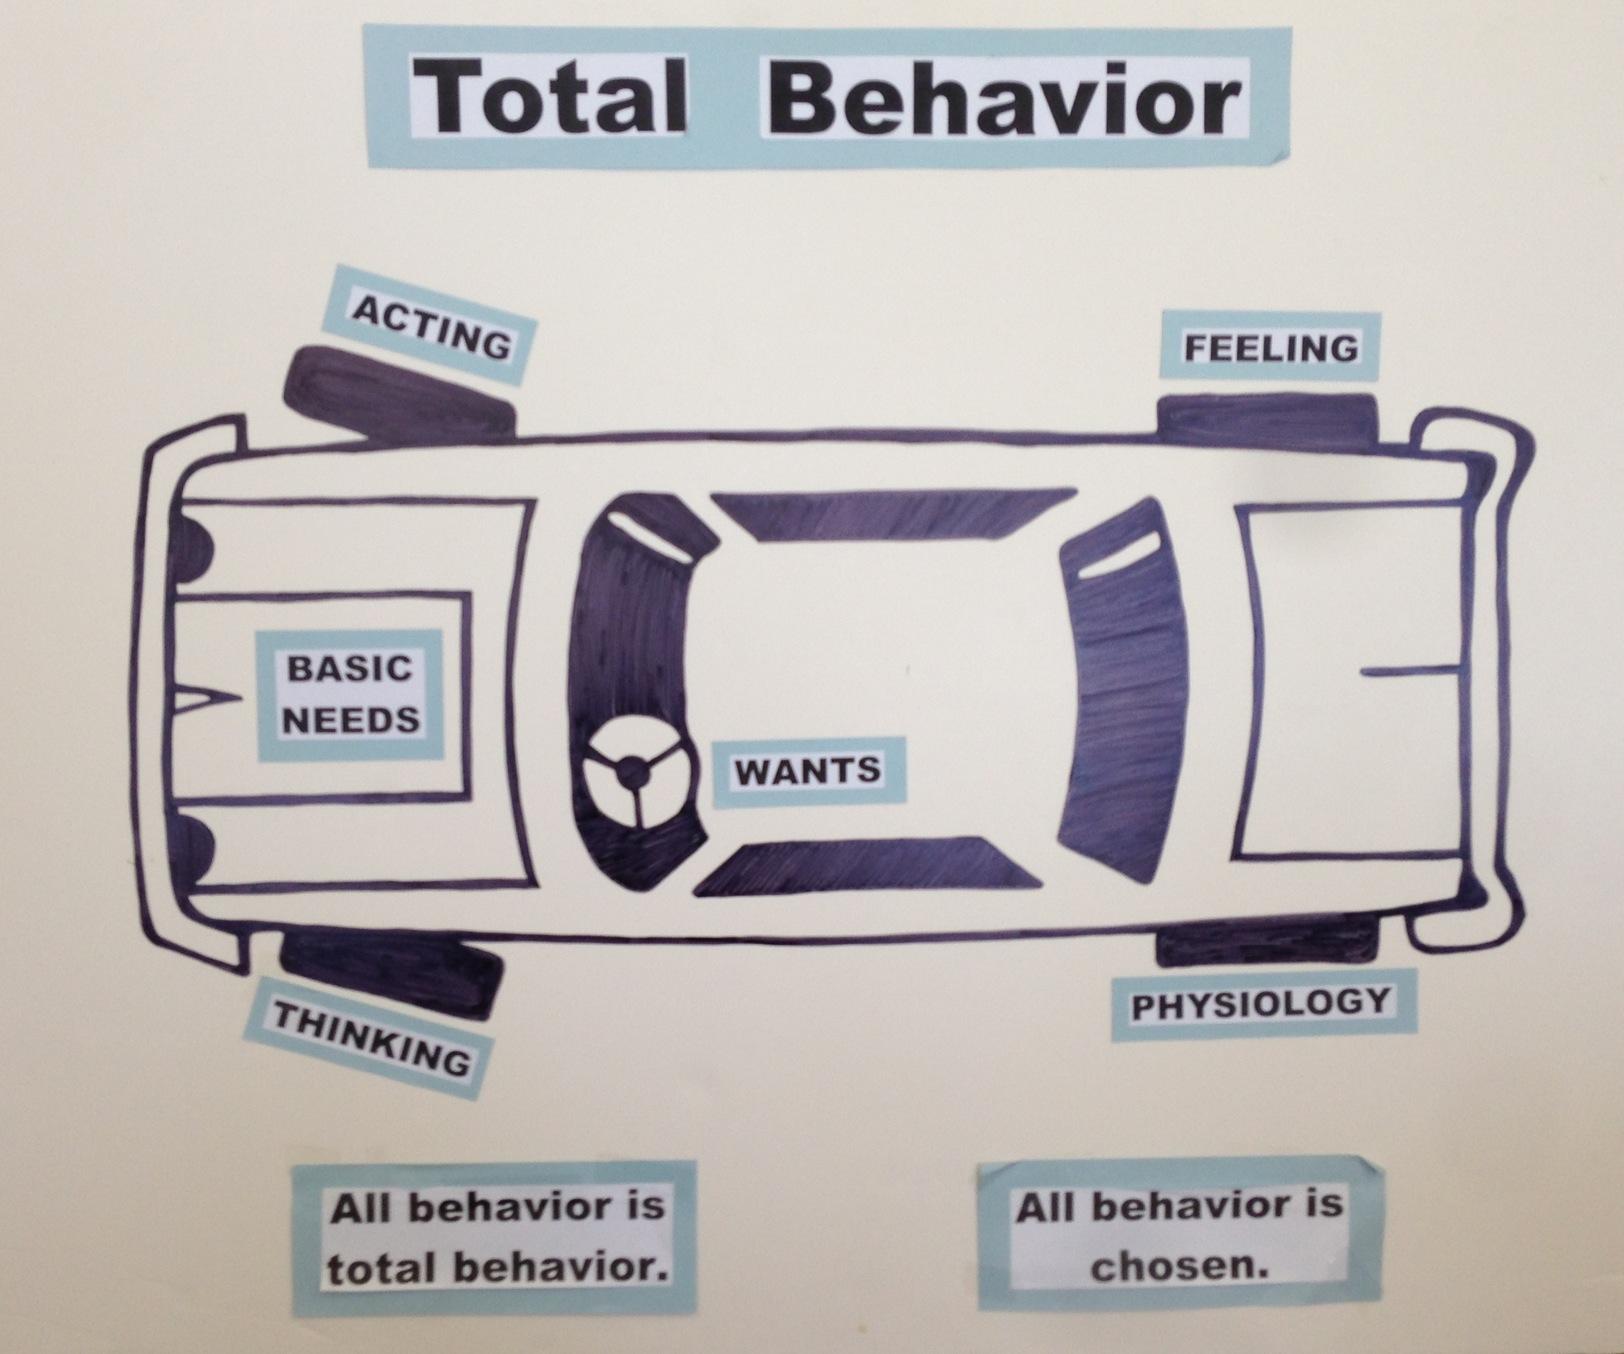 total behavior car : The Better Plan